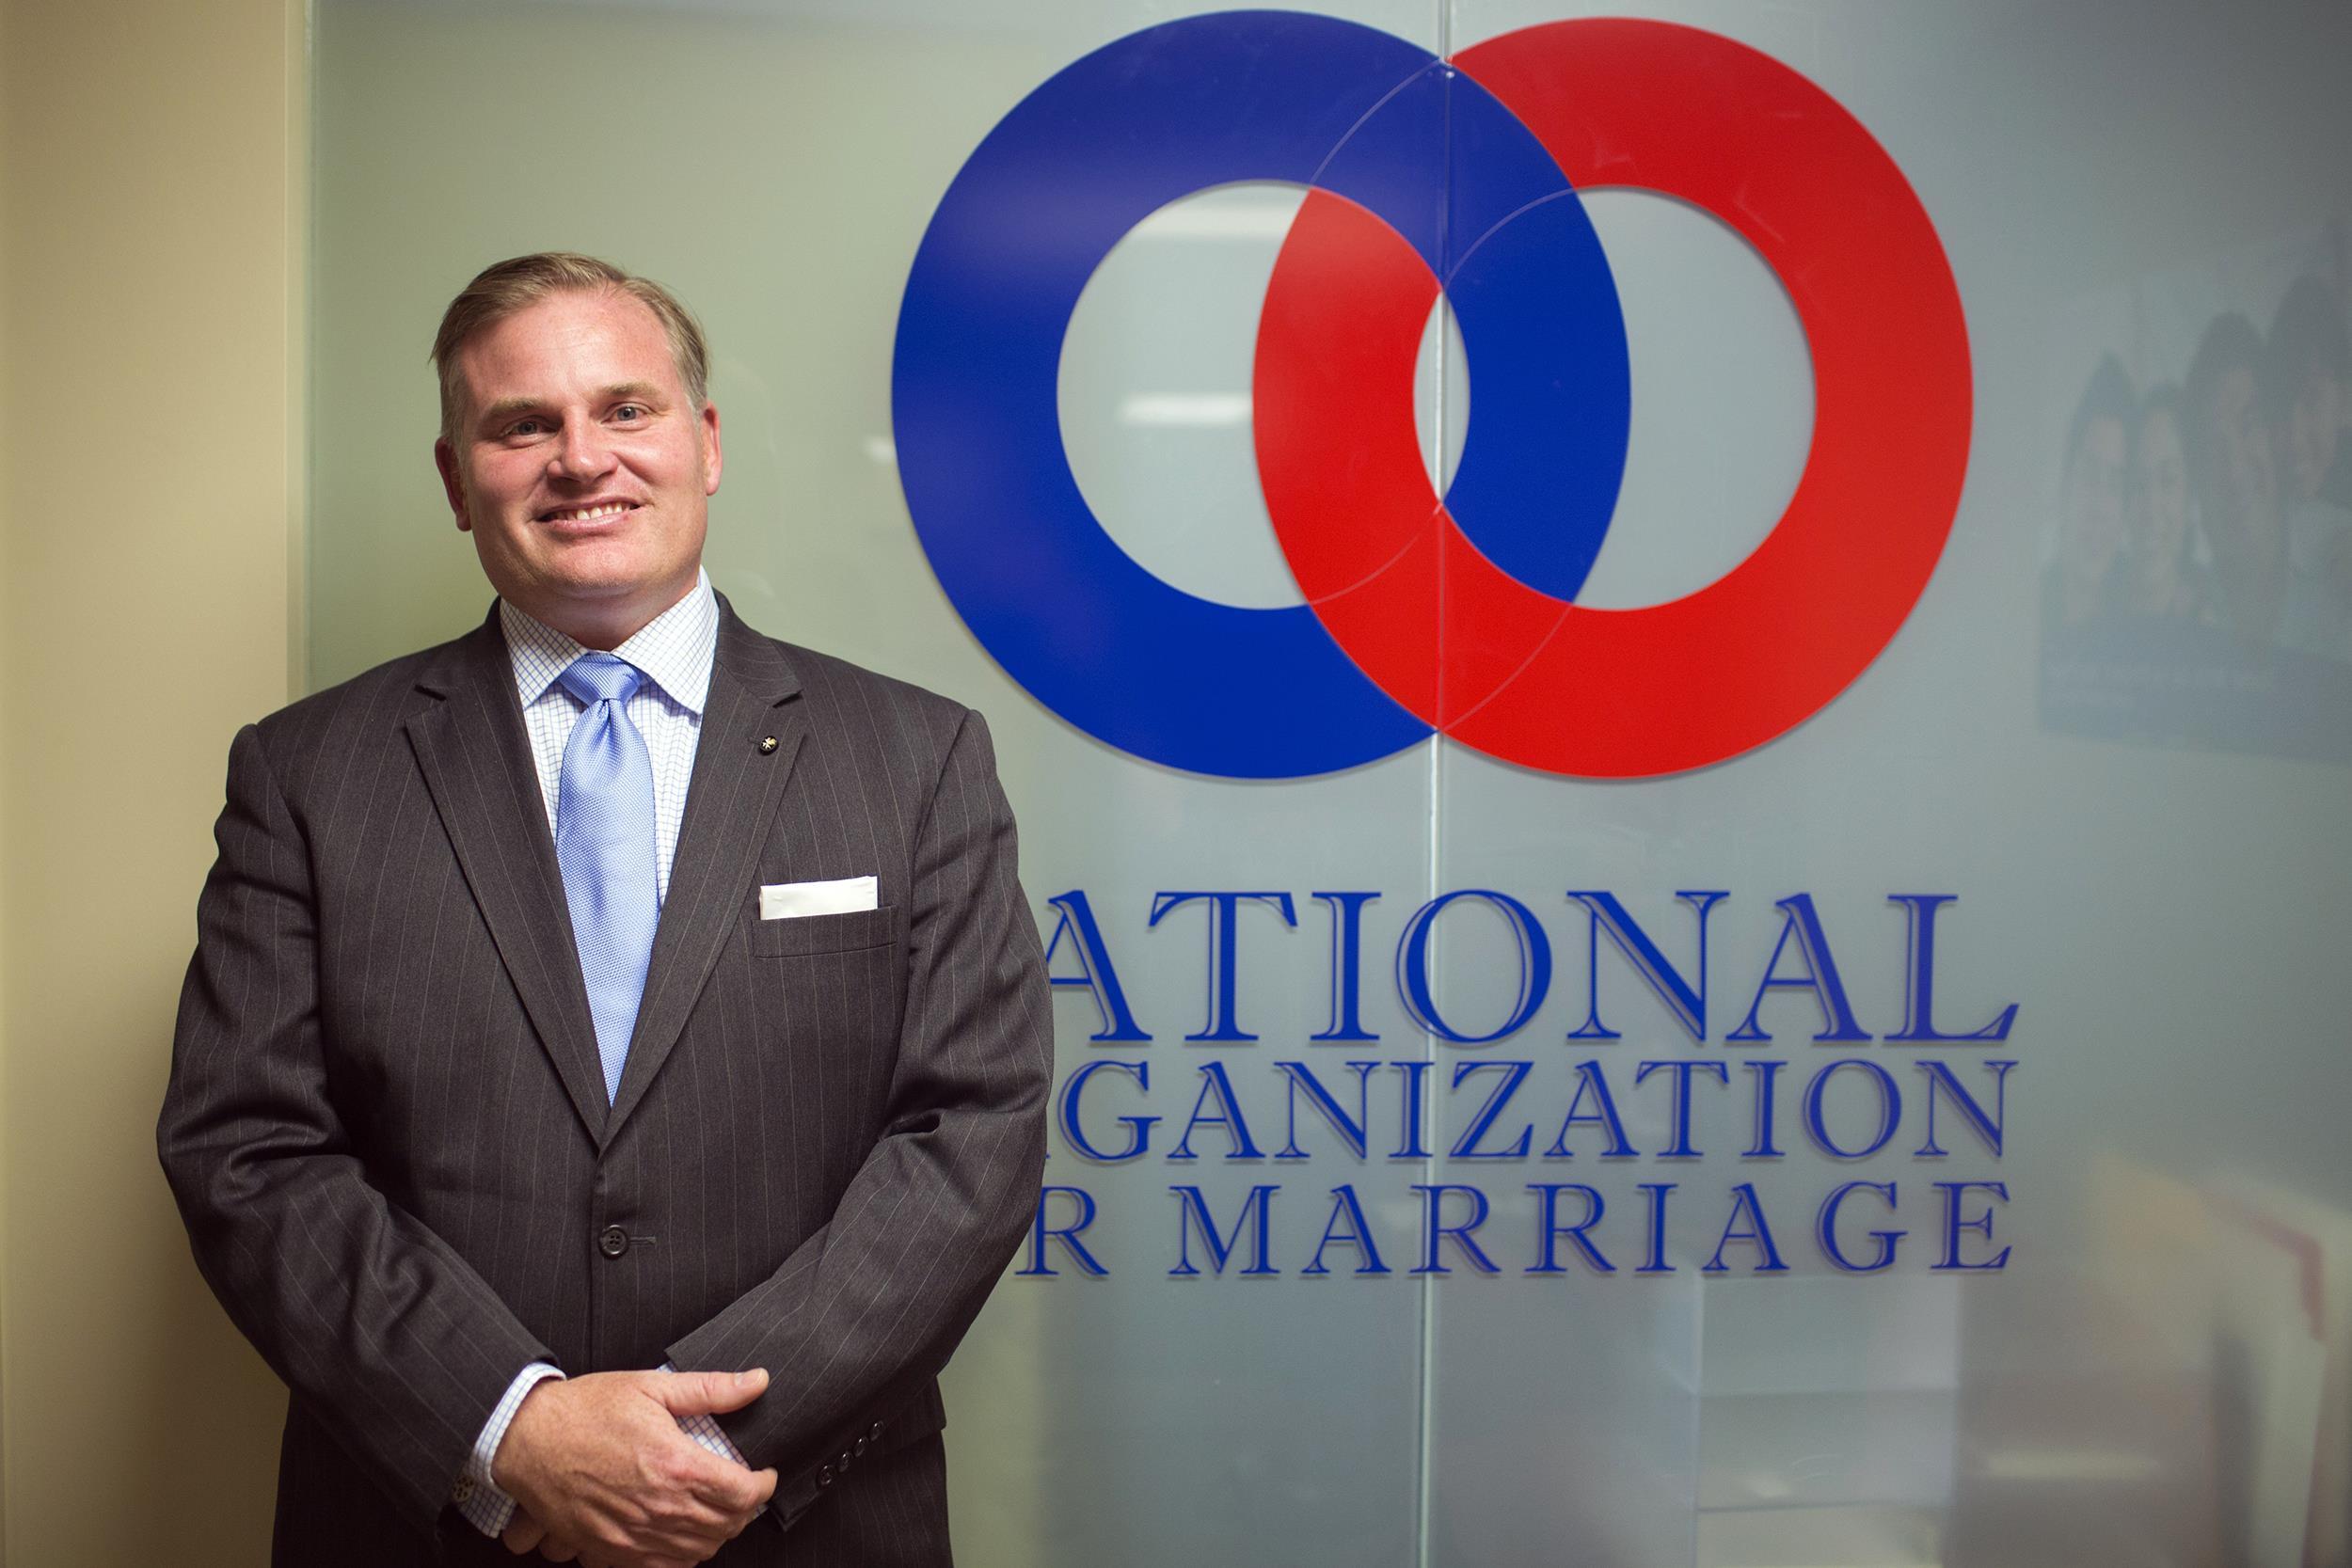 Anti gay marriage organizations